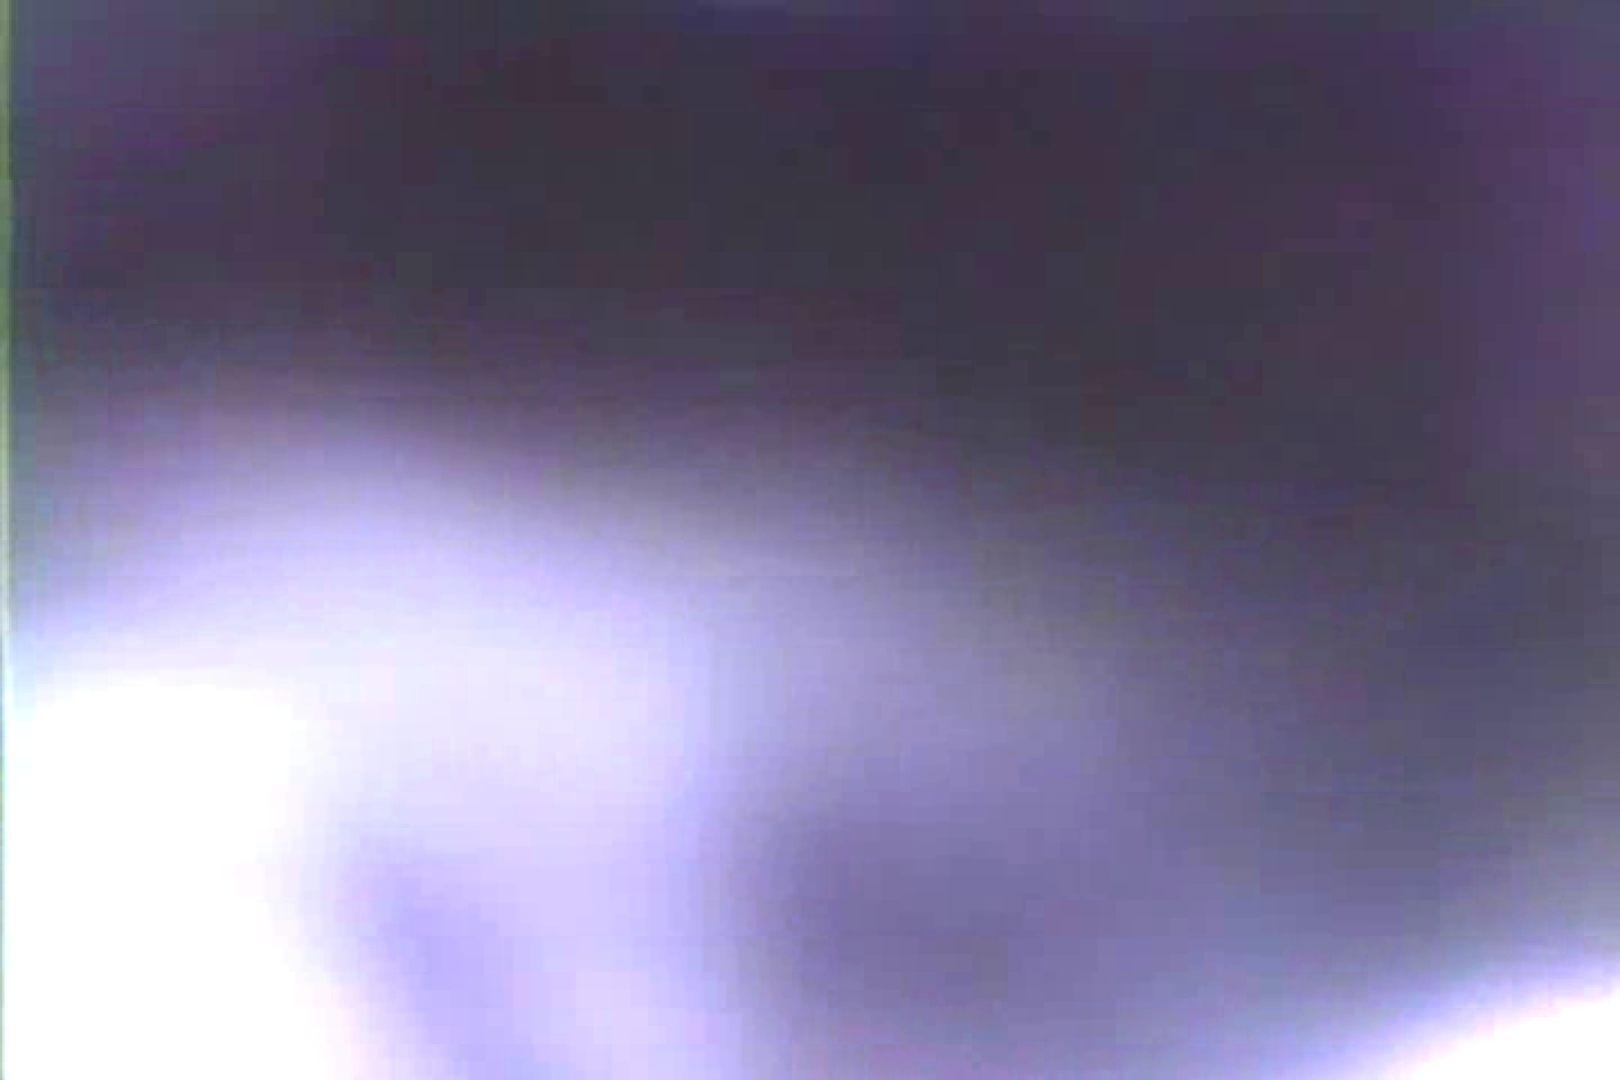 「ちくりん」さんのオリジナル未編集パンチラVol.9_02 美しいOLの裸体 セックス画像 77pic 47